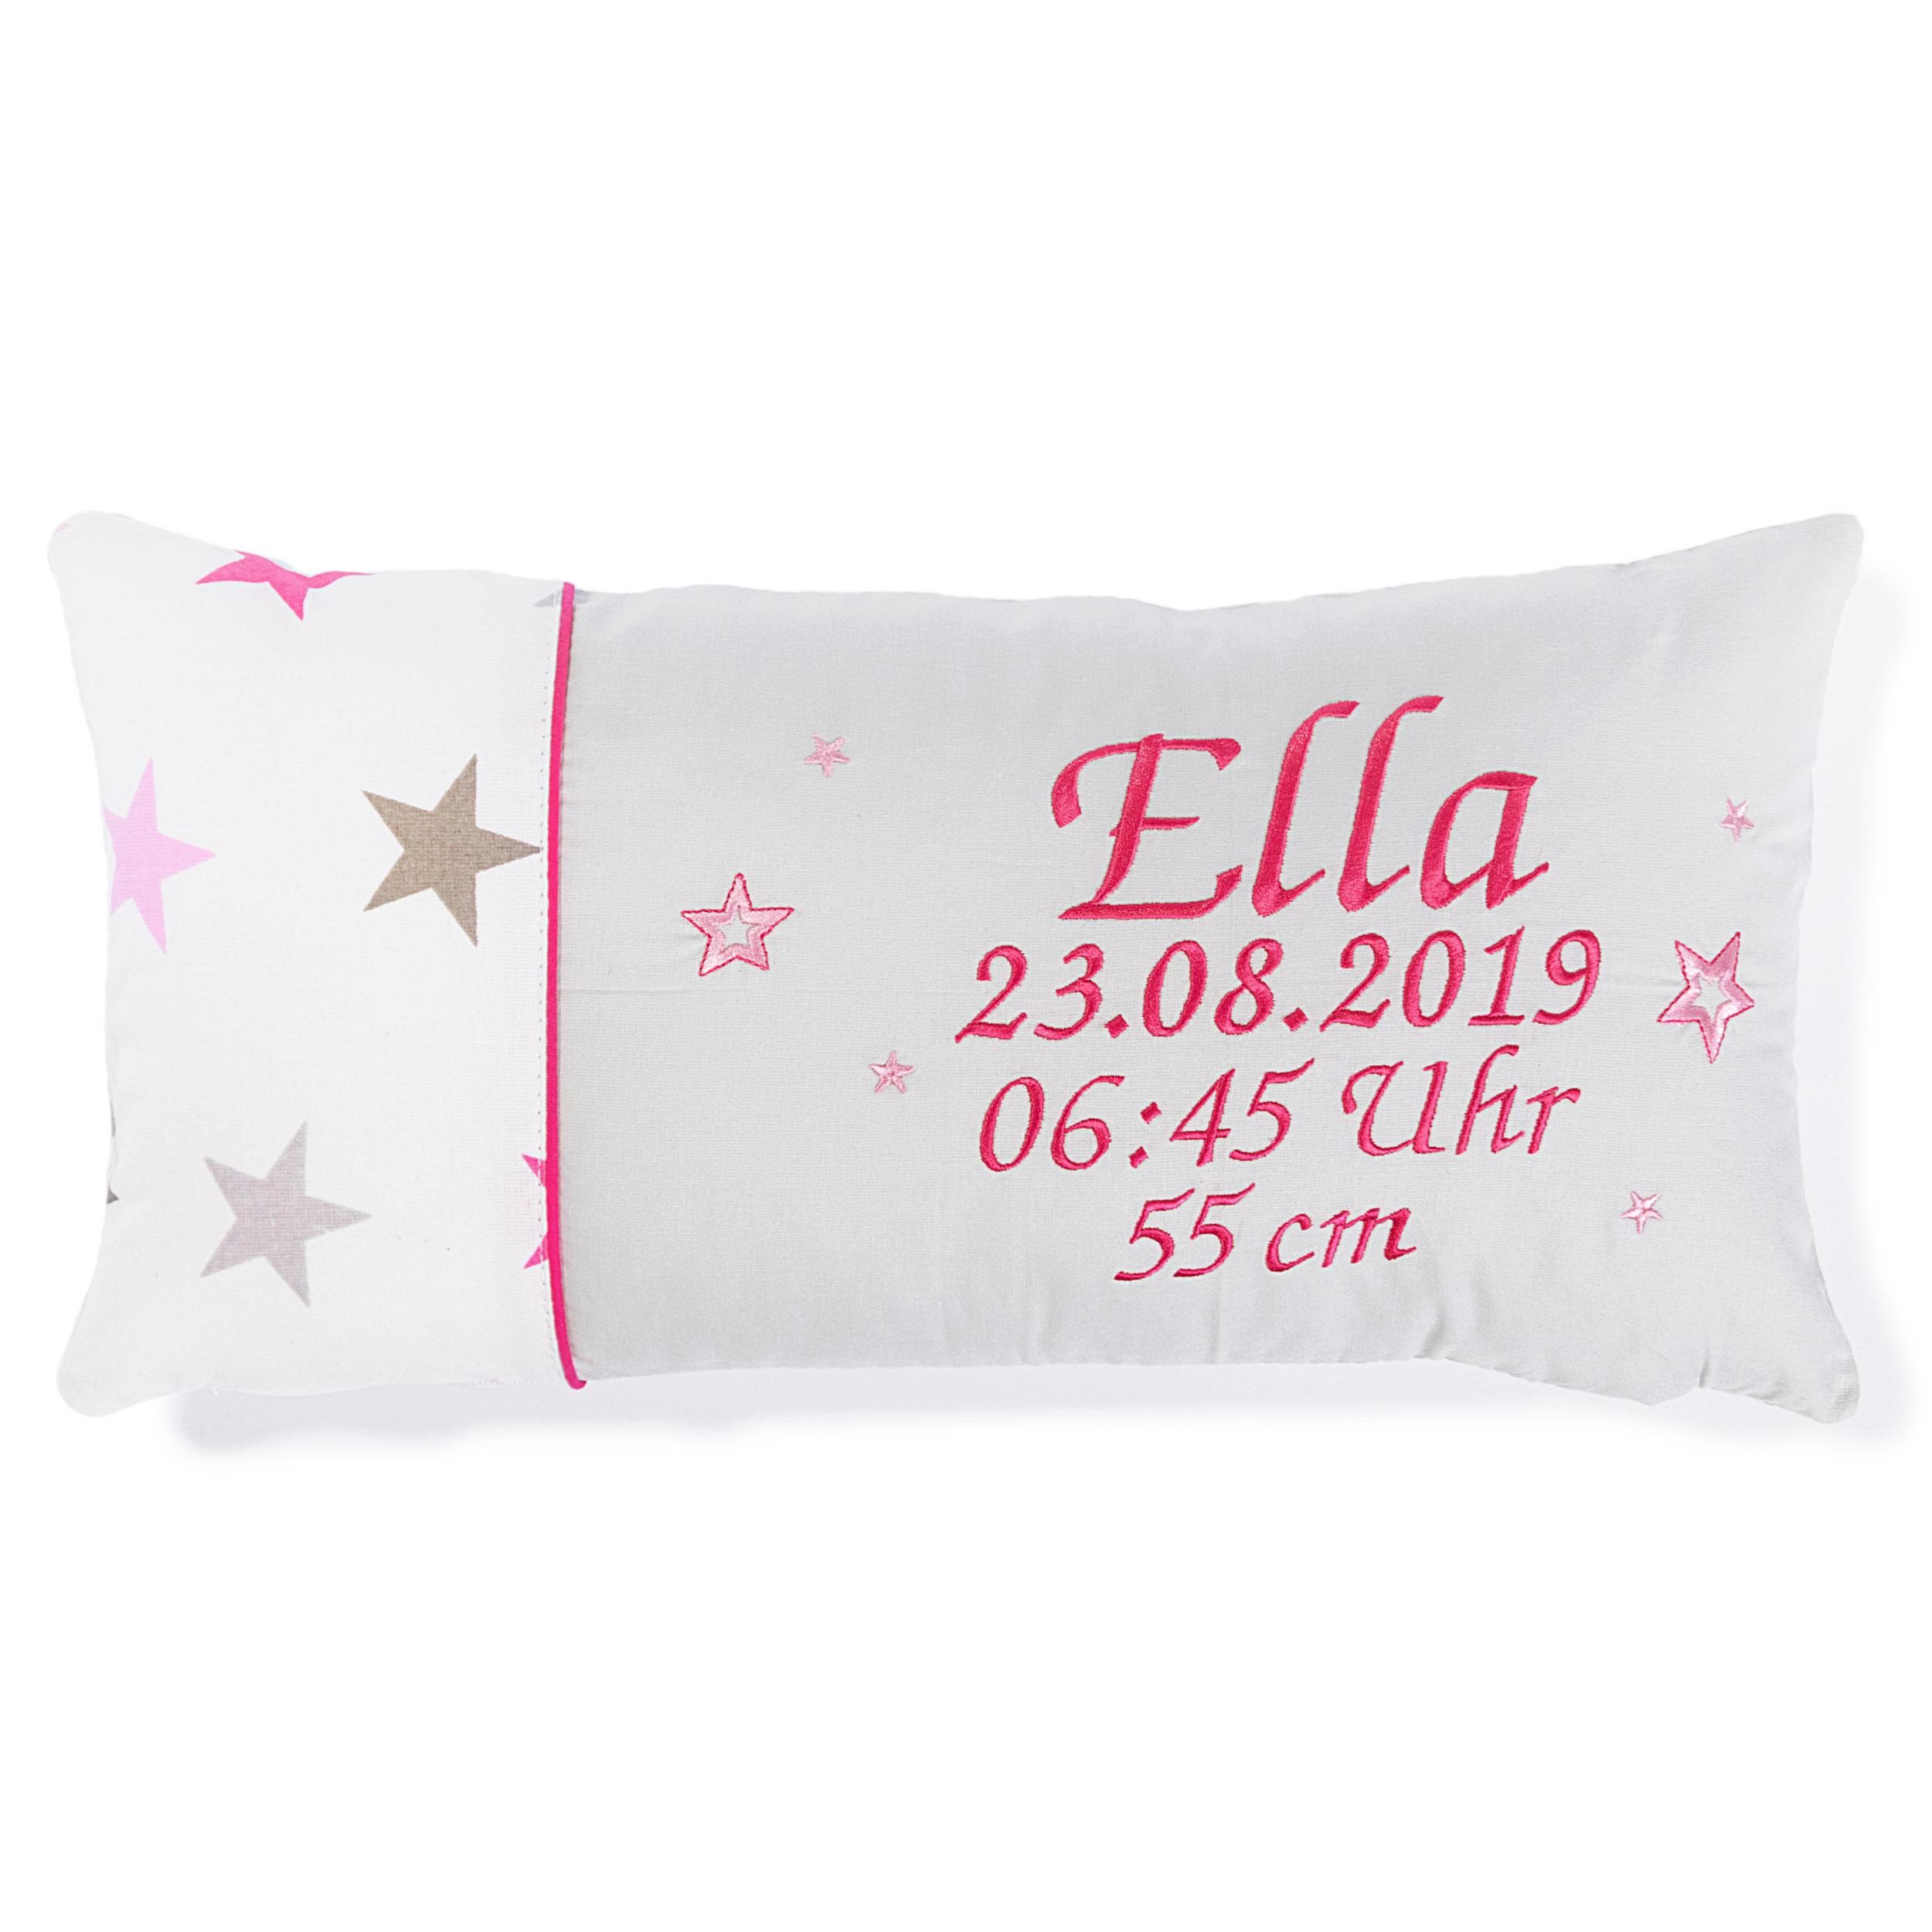 Kissen 40 x 20 cm mit Namen Datum Sternchen Groß Rosa Hellgrau